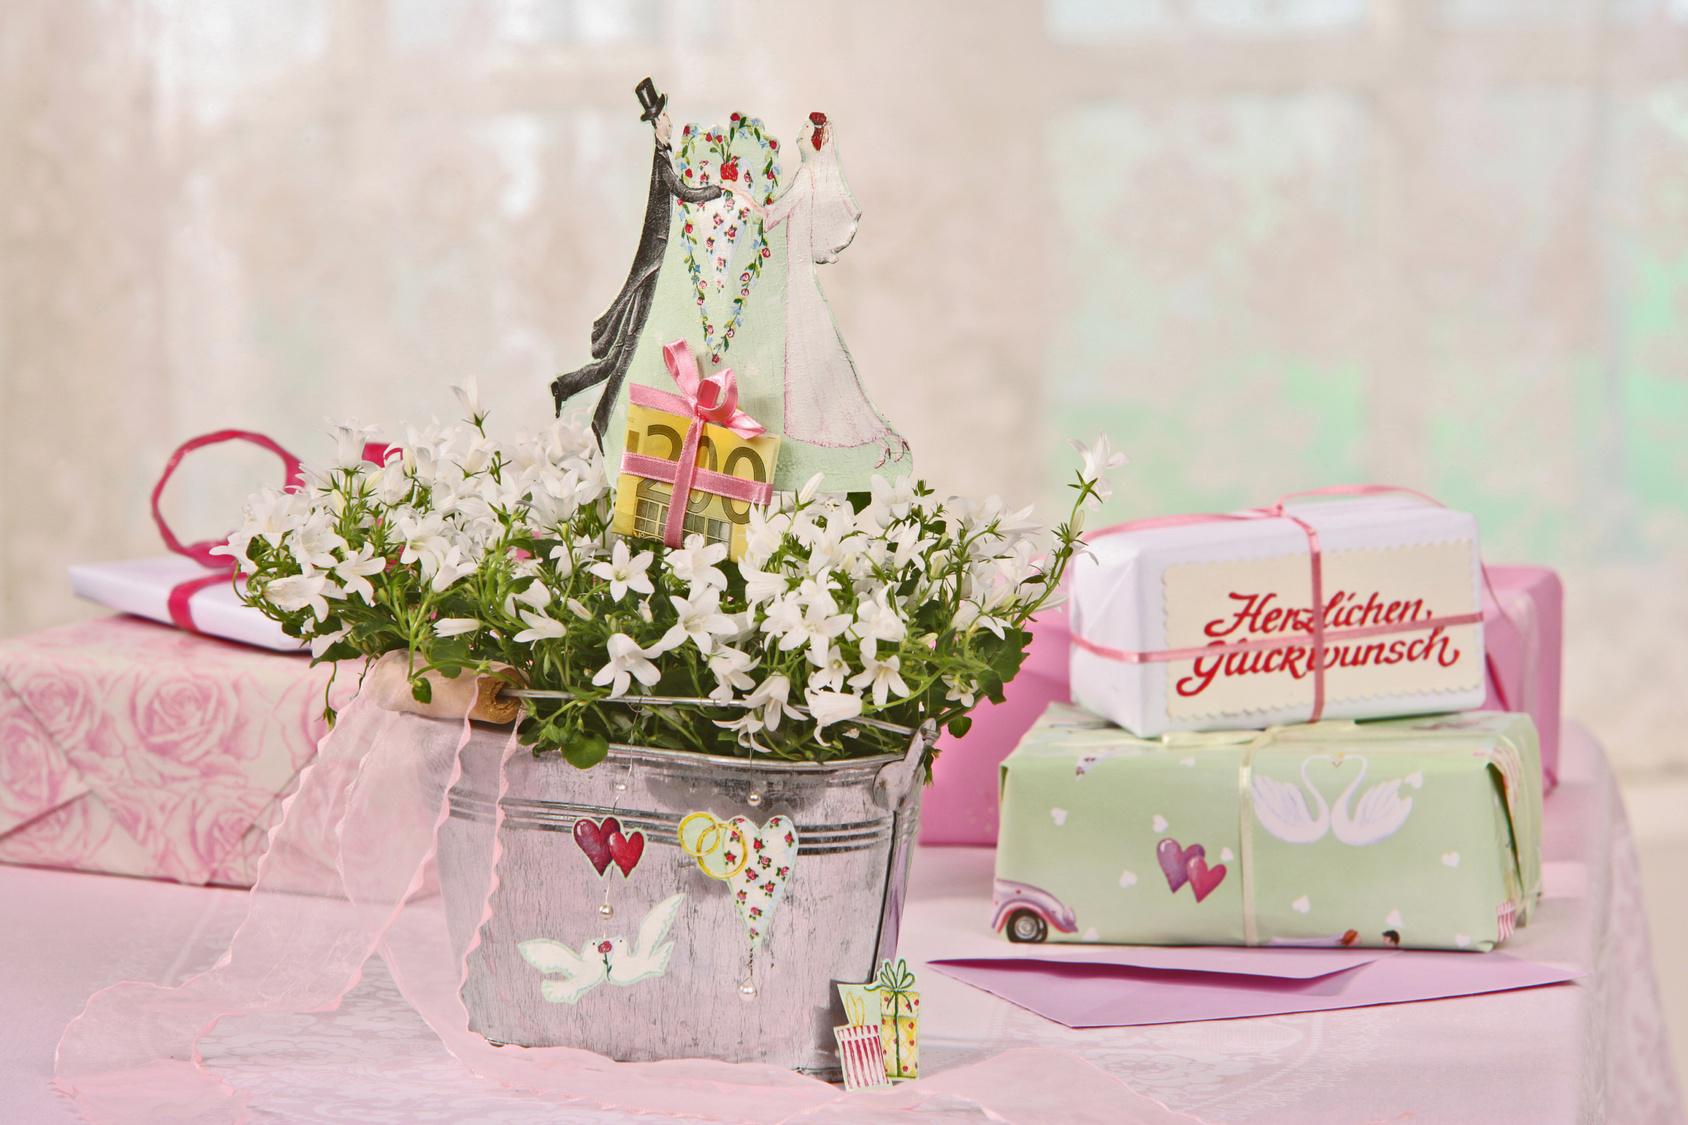 Blumentopf mit weißen Blüten steht neben zwei eingepackten Geschenken